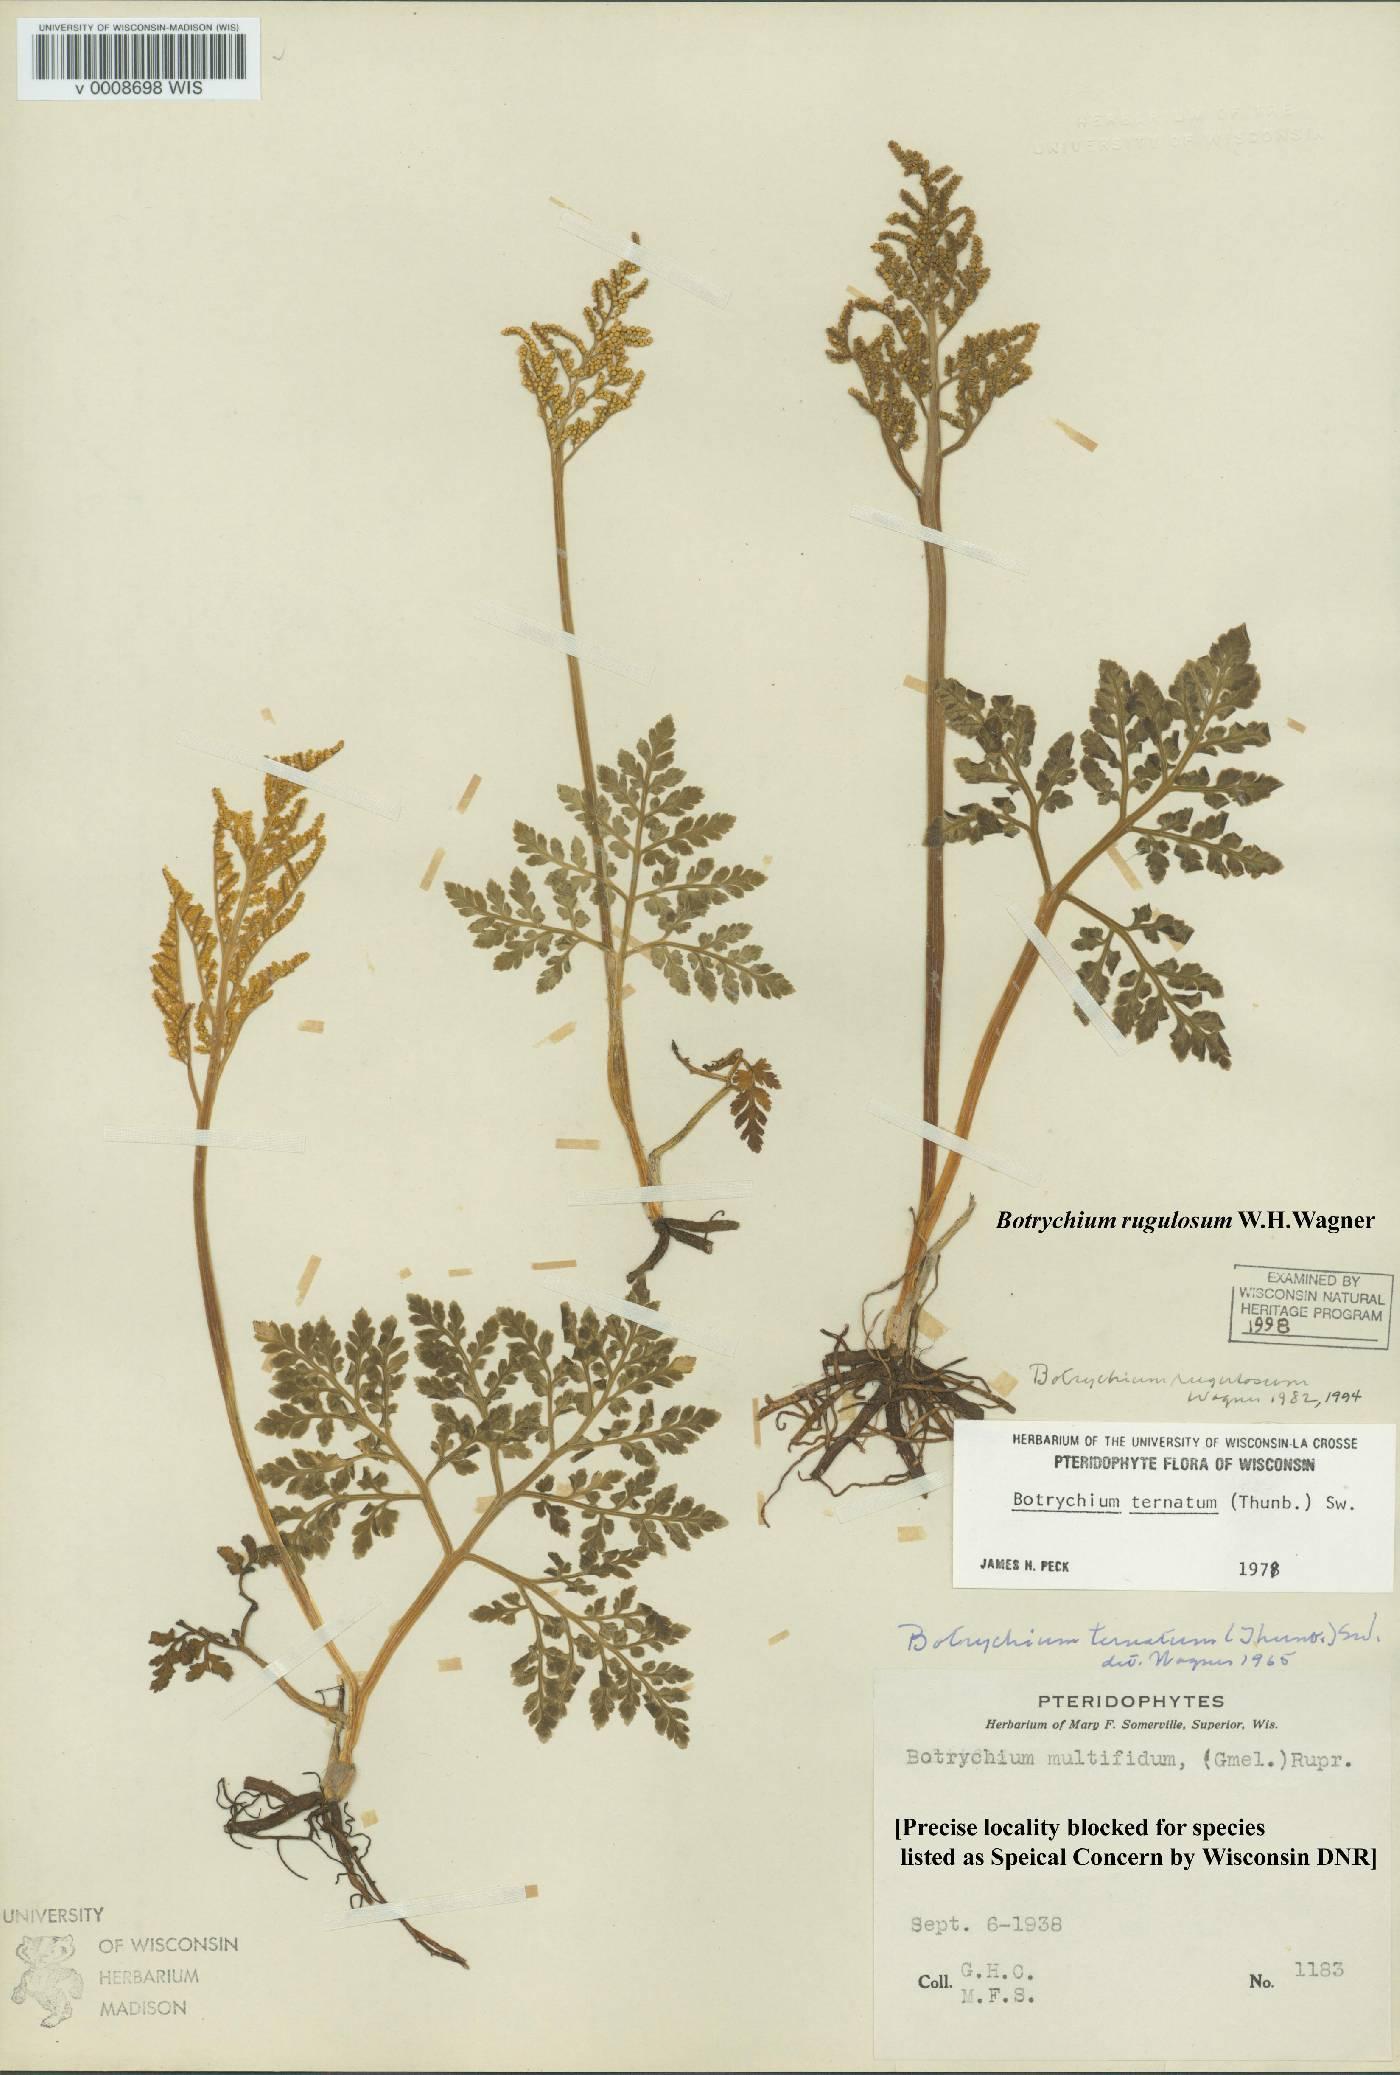 Sceptridium rugulosum image